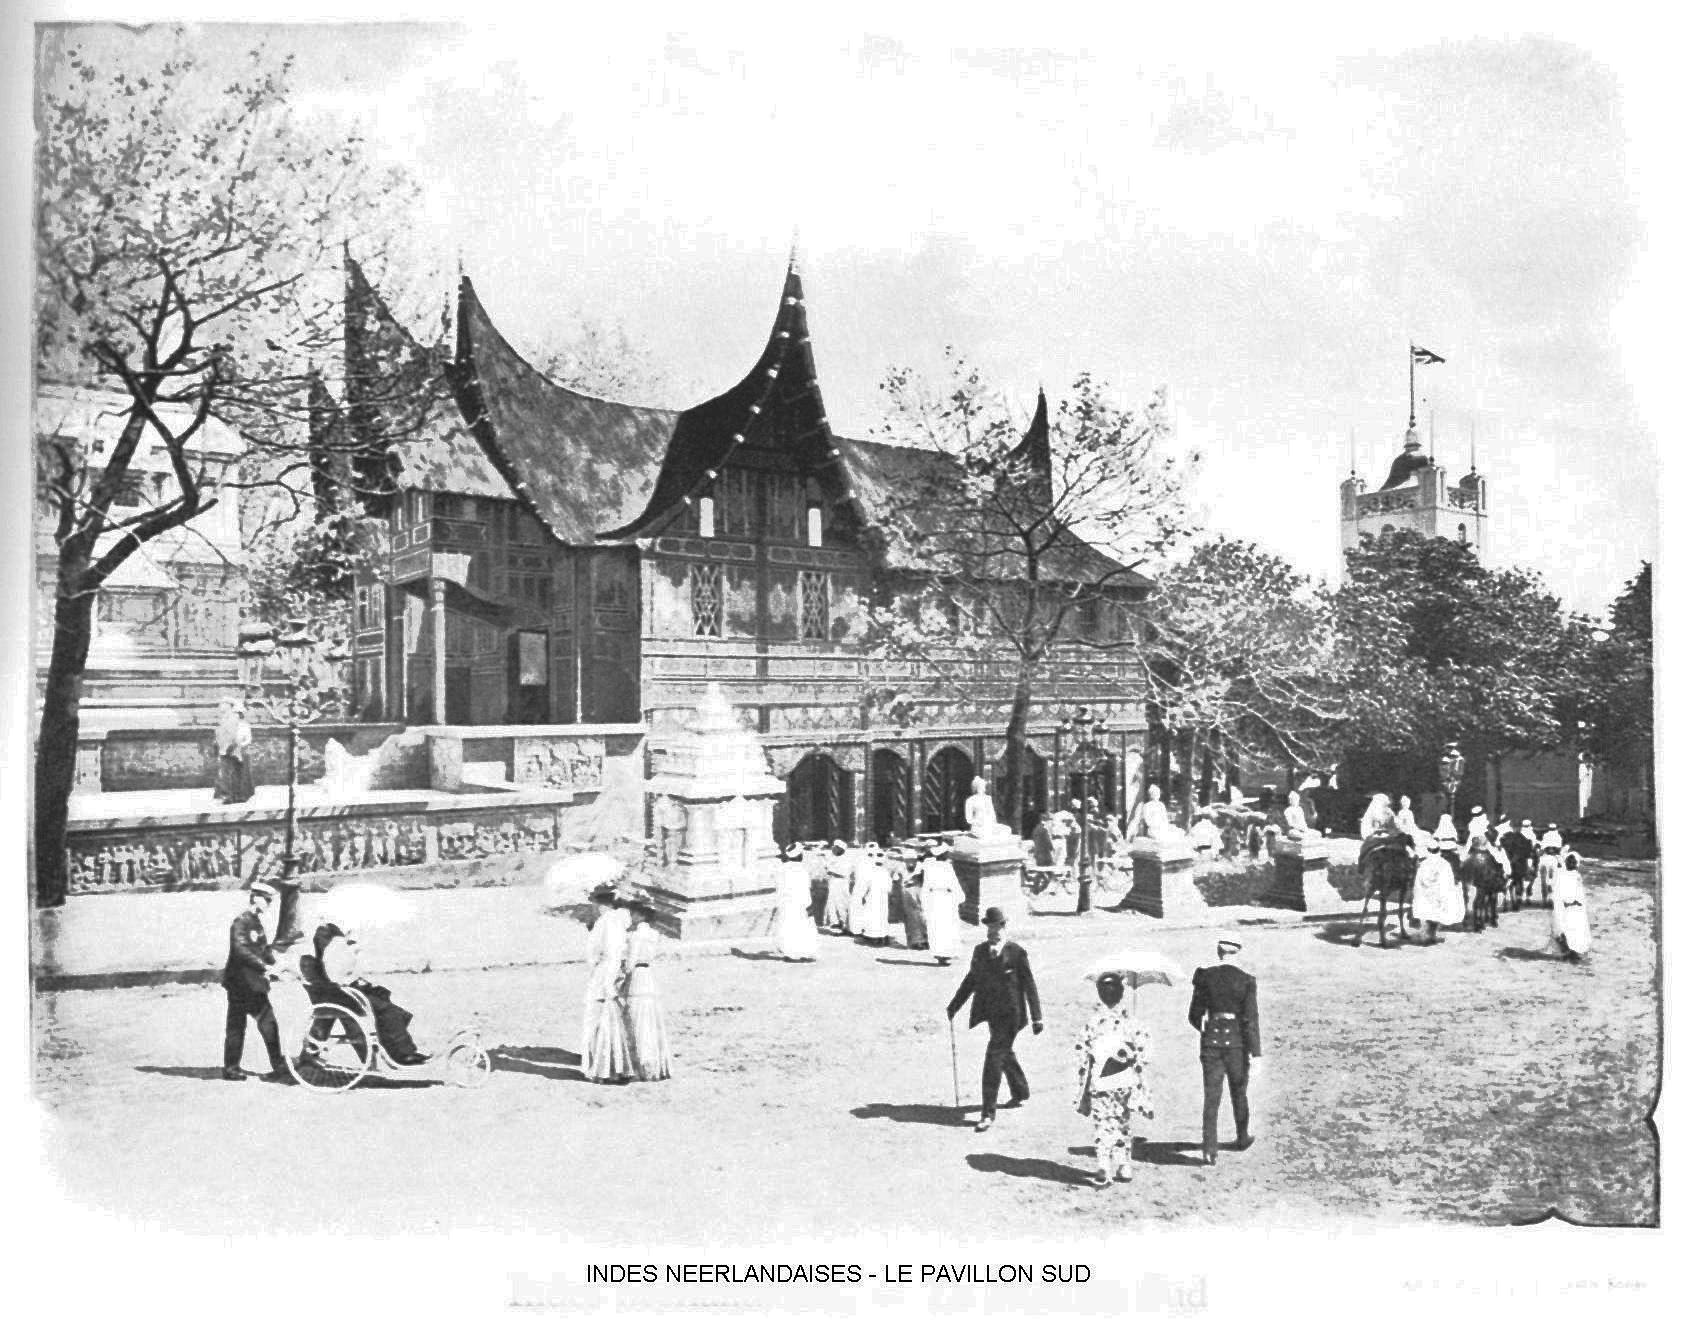 Indes neerlandaises le pavillon sud